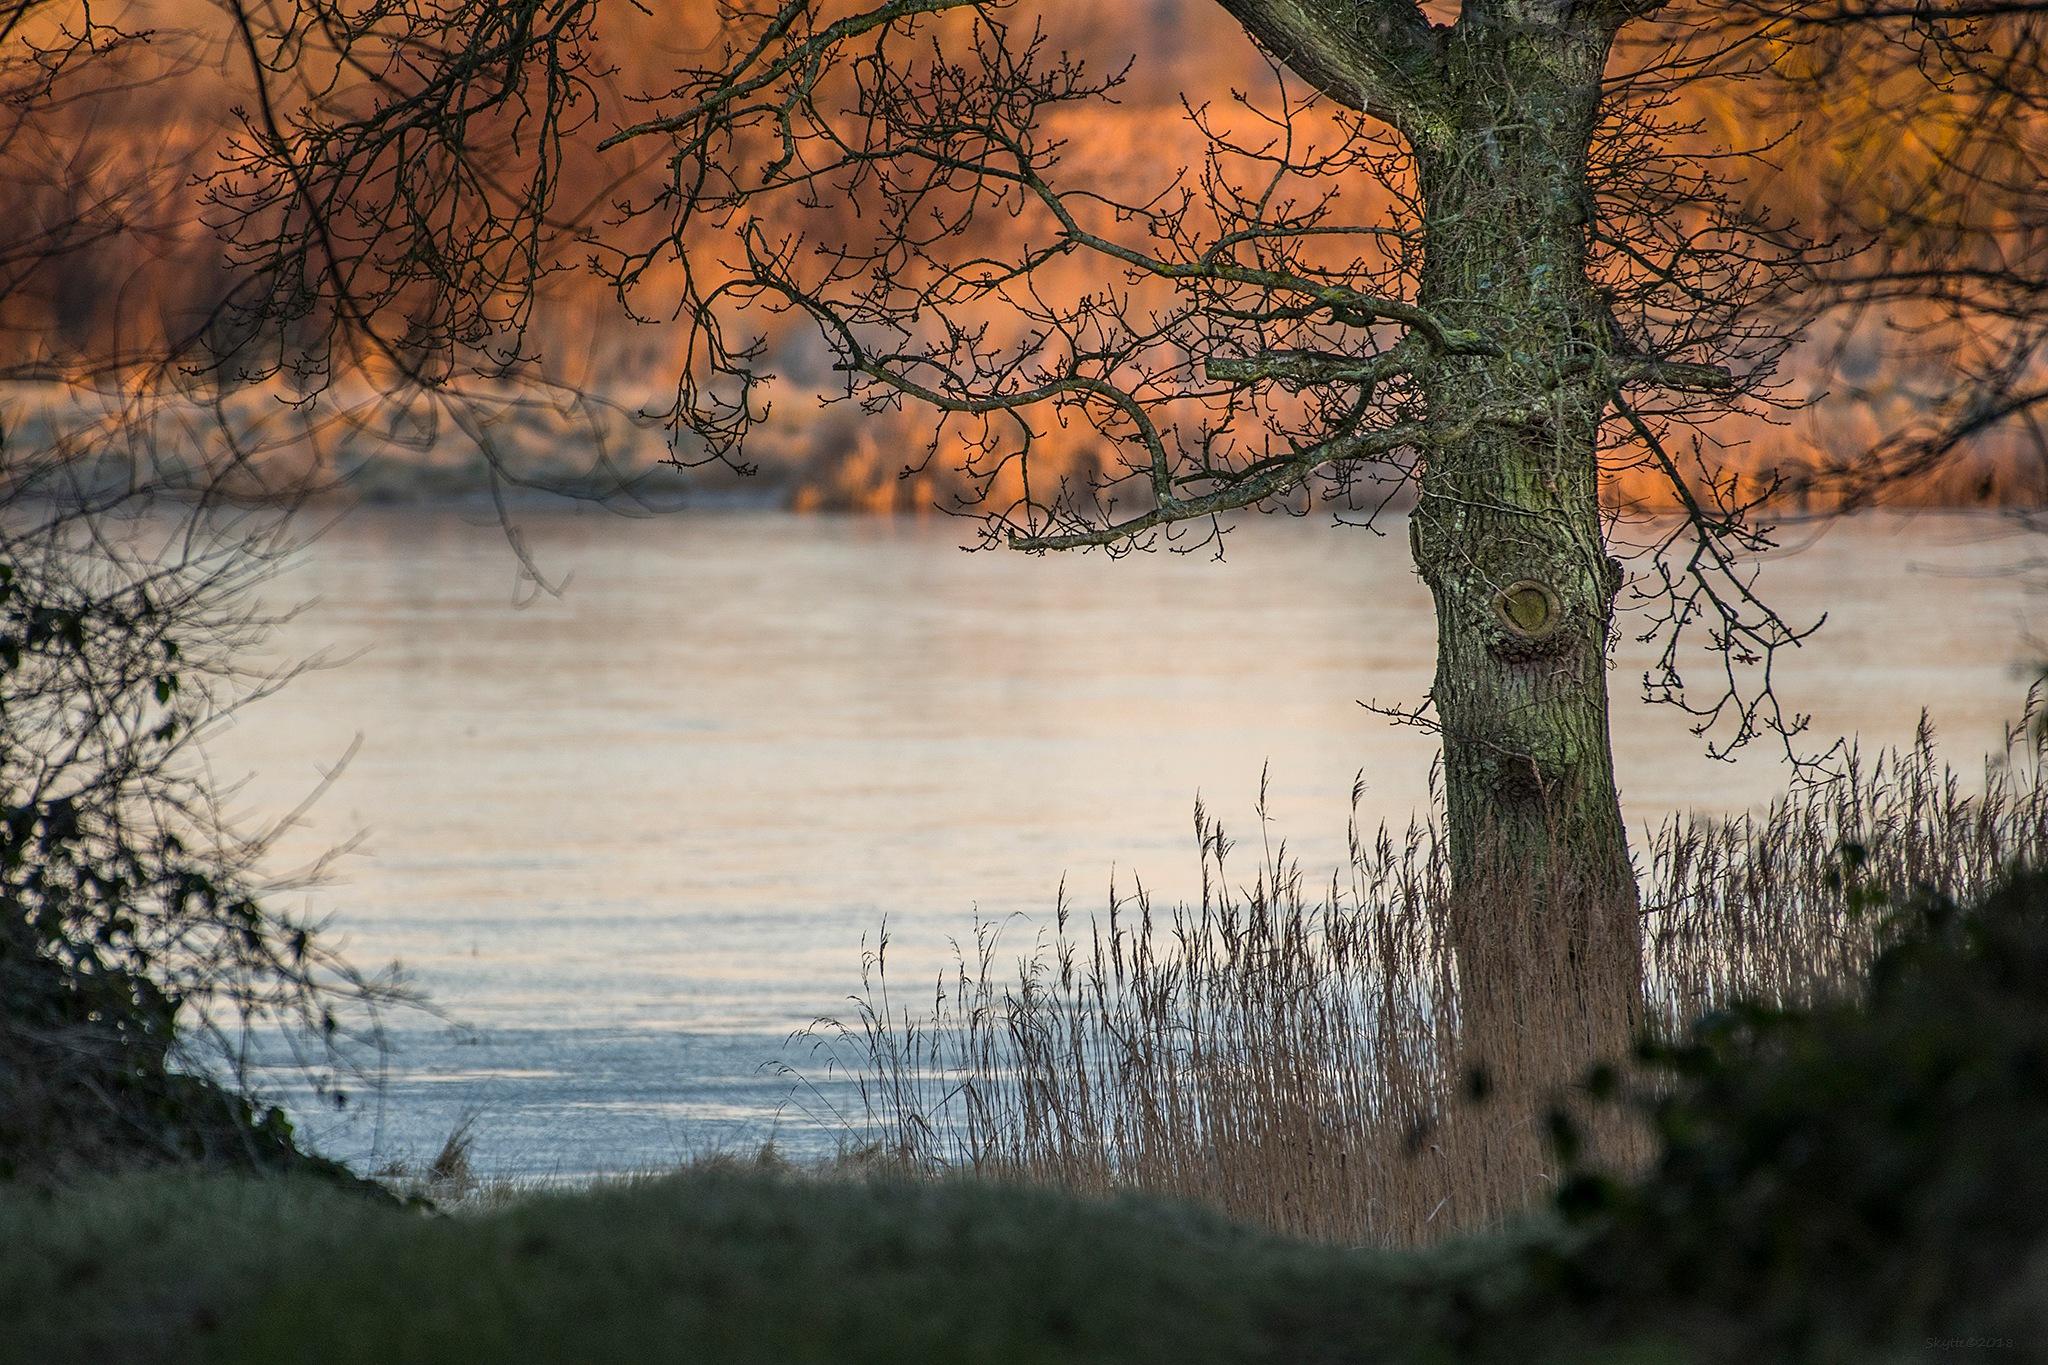 The Oak. by Keld Skytte Petersen